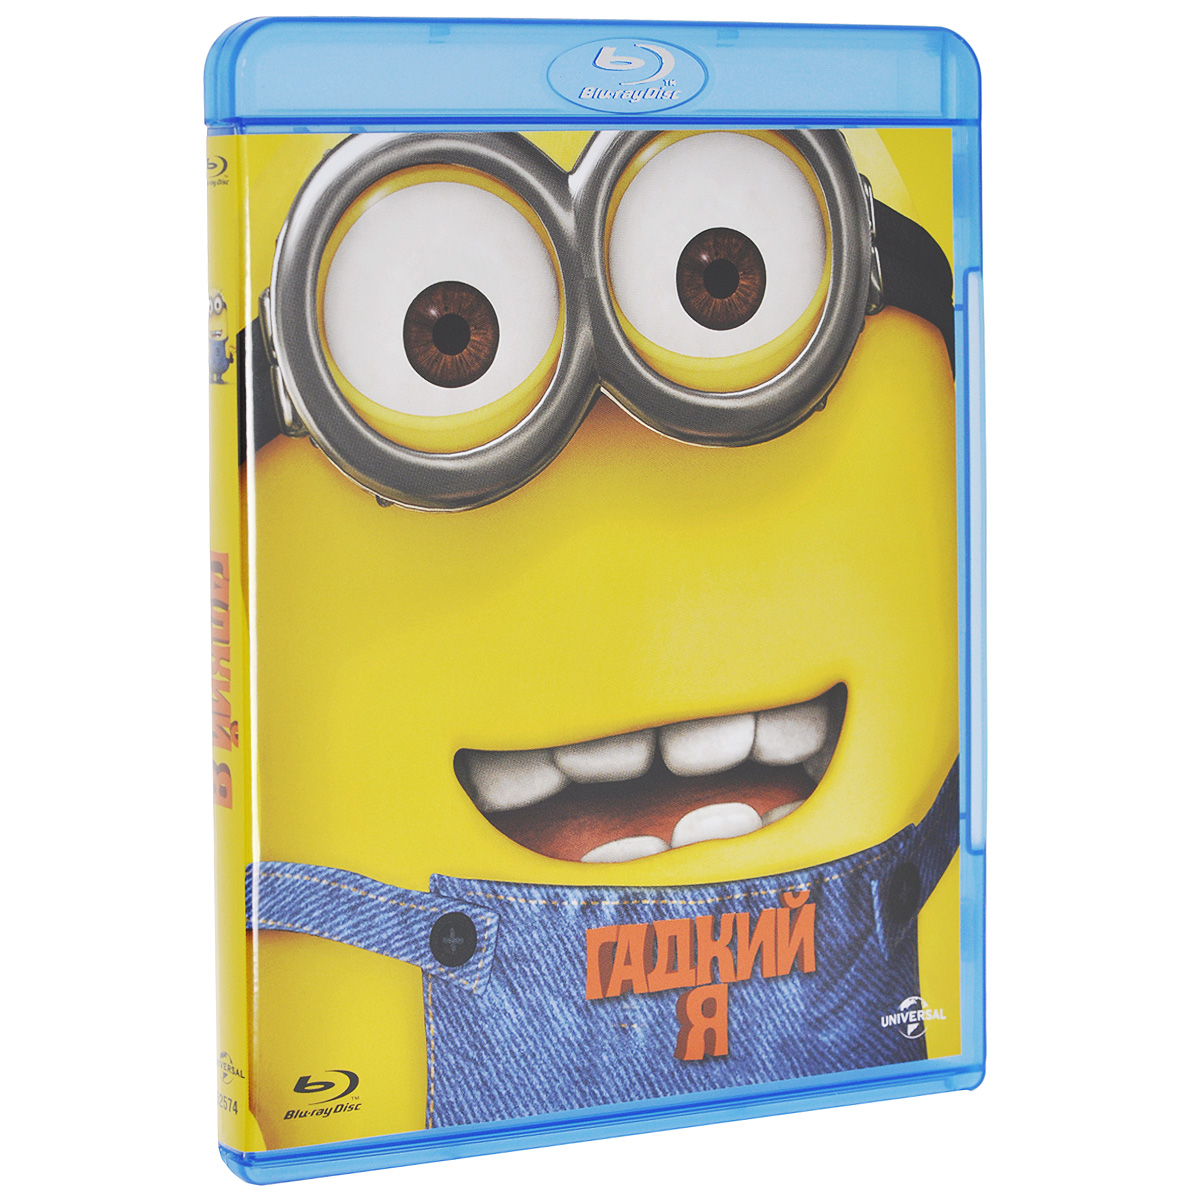 Гадкий Я (Blu-ray) лесоповал я куплю тебе дом lp